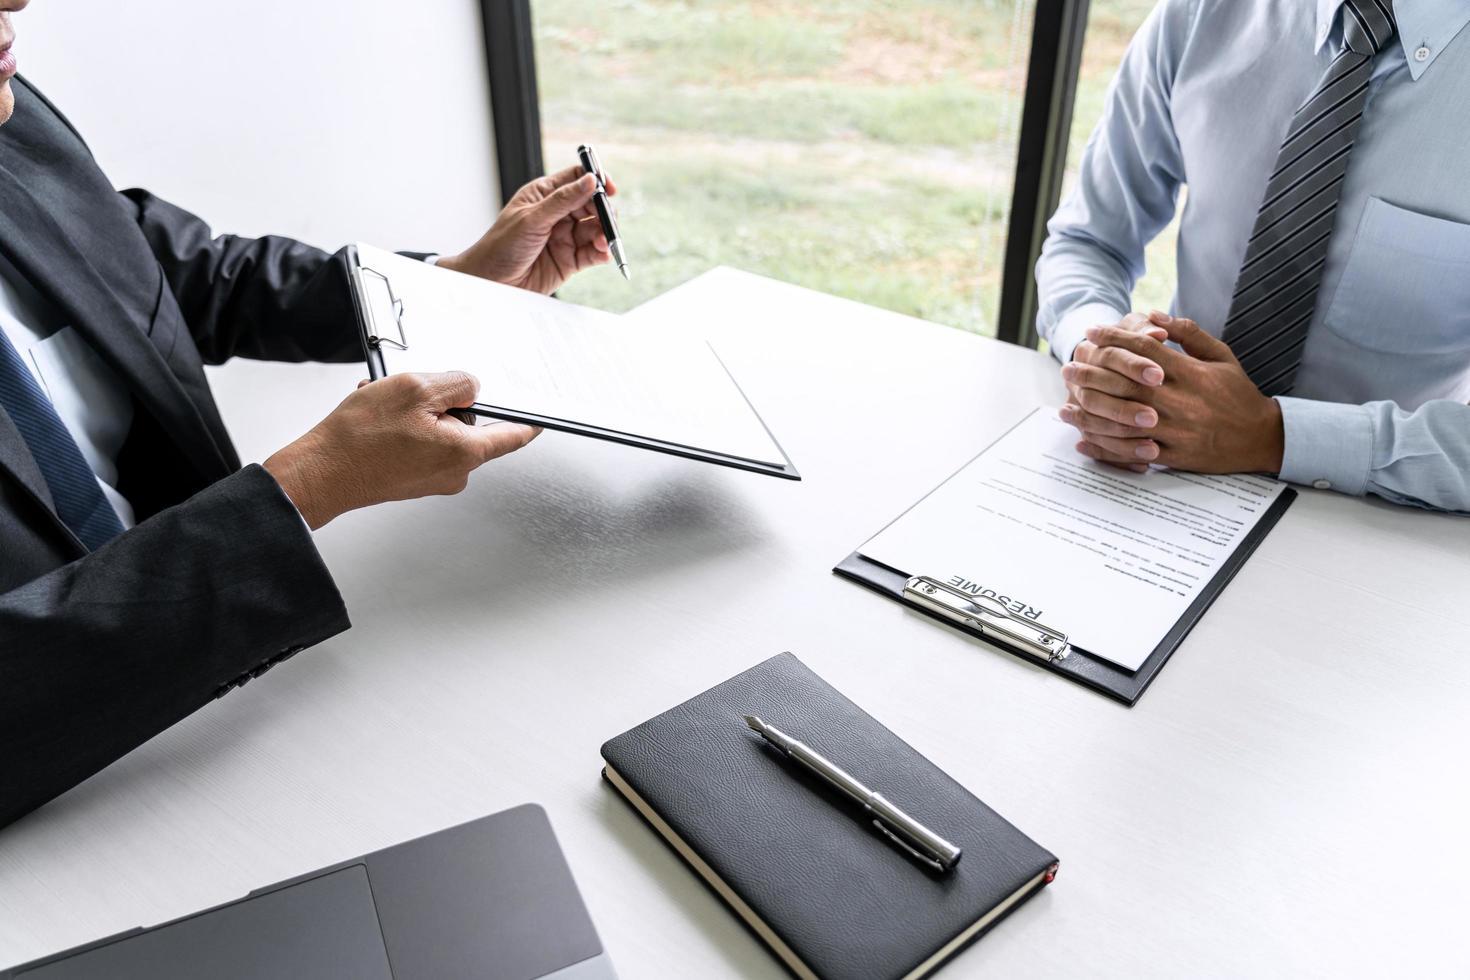 Gestionnaire de comité senior lisant un CV lors d'un entretien d'embauche photo